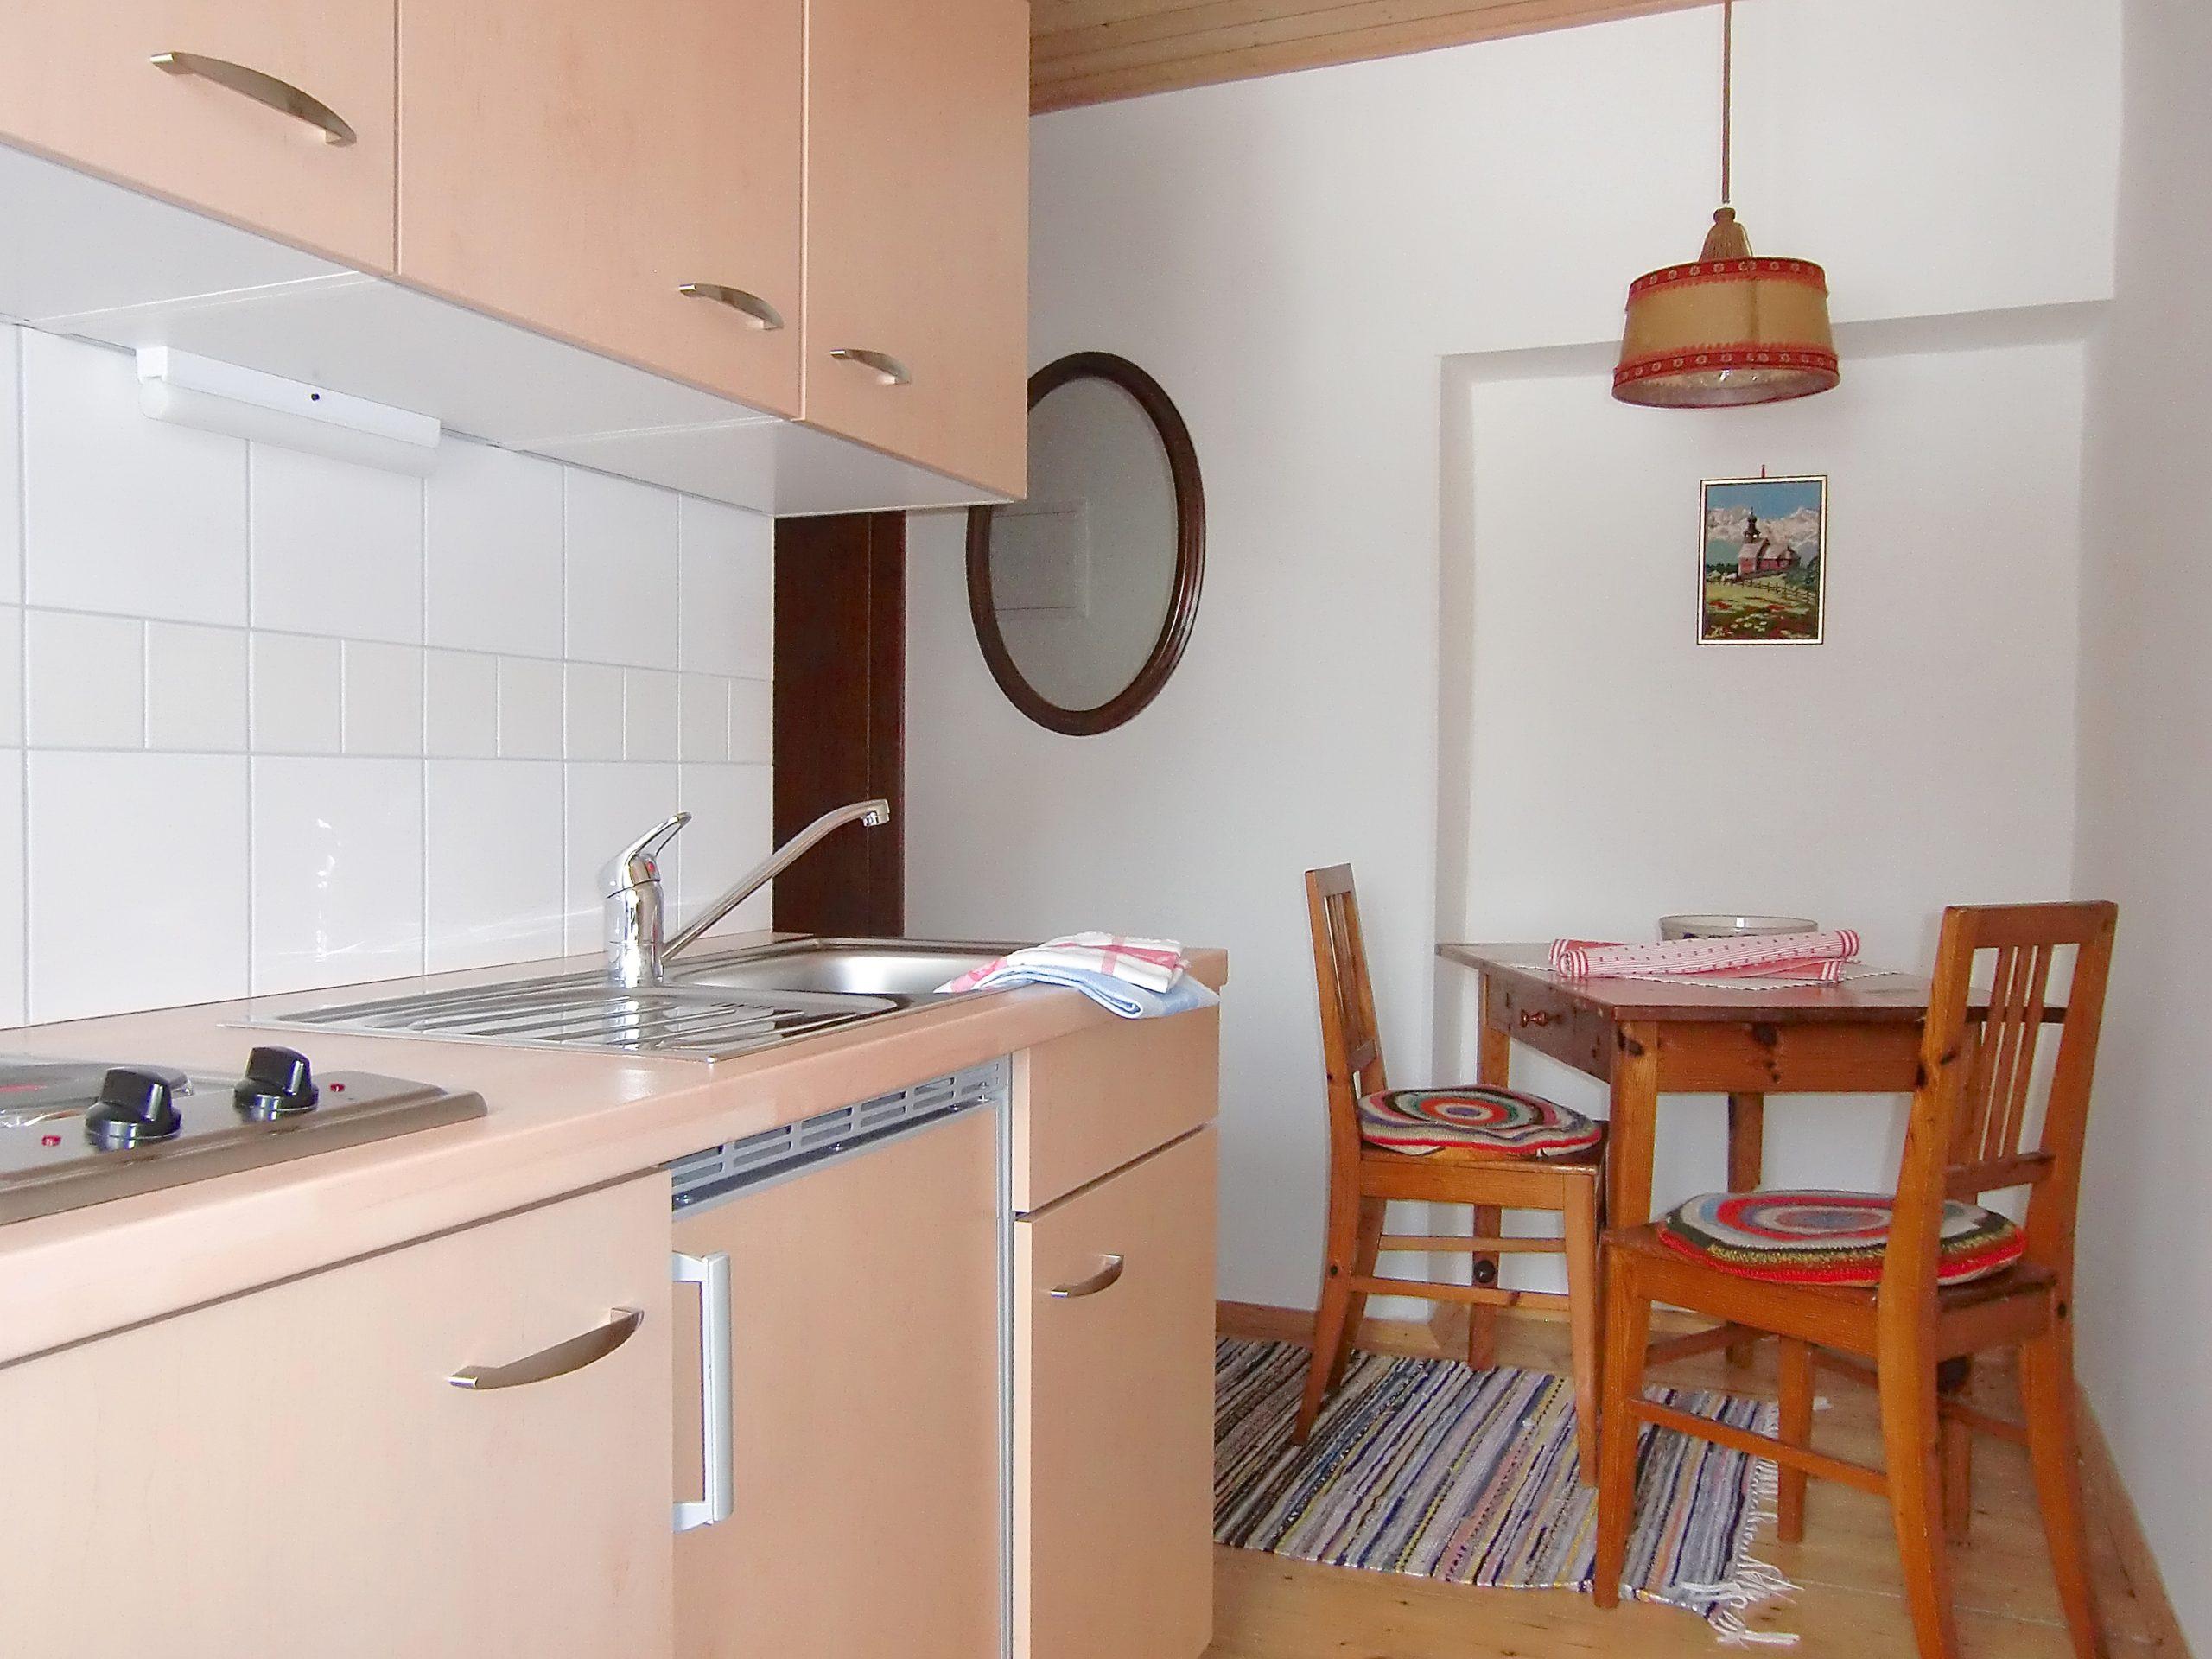 Full Size of Ikea Küchenzeile Mini Kchenzeile Heidis Welt Unsere Appartements In Mitschig Küche Kosten Modulküche Betten Bei 160x200 Kaufen Sofa Mit Schlaffunktion Wohnzimmer Ikea Küchenzeile